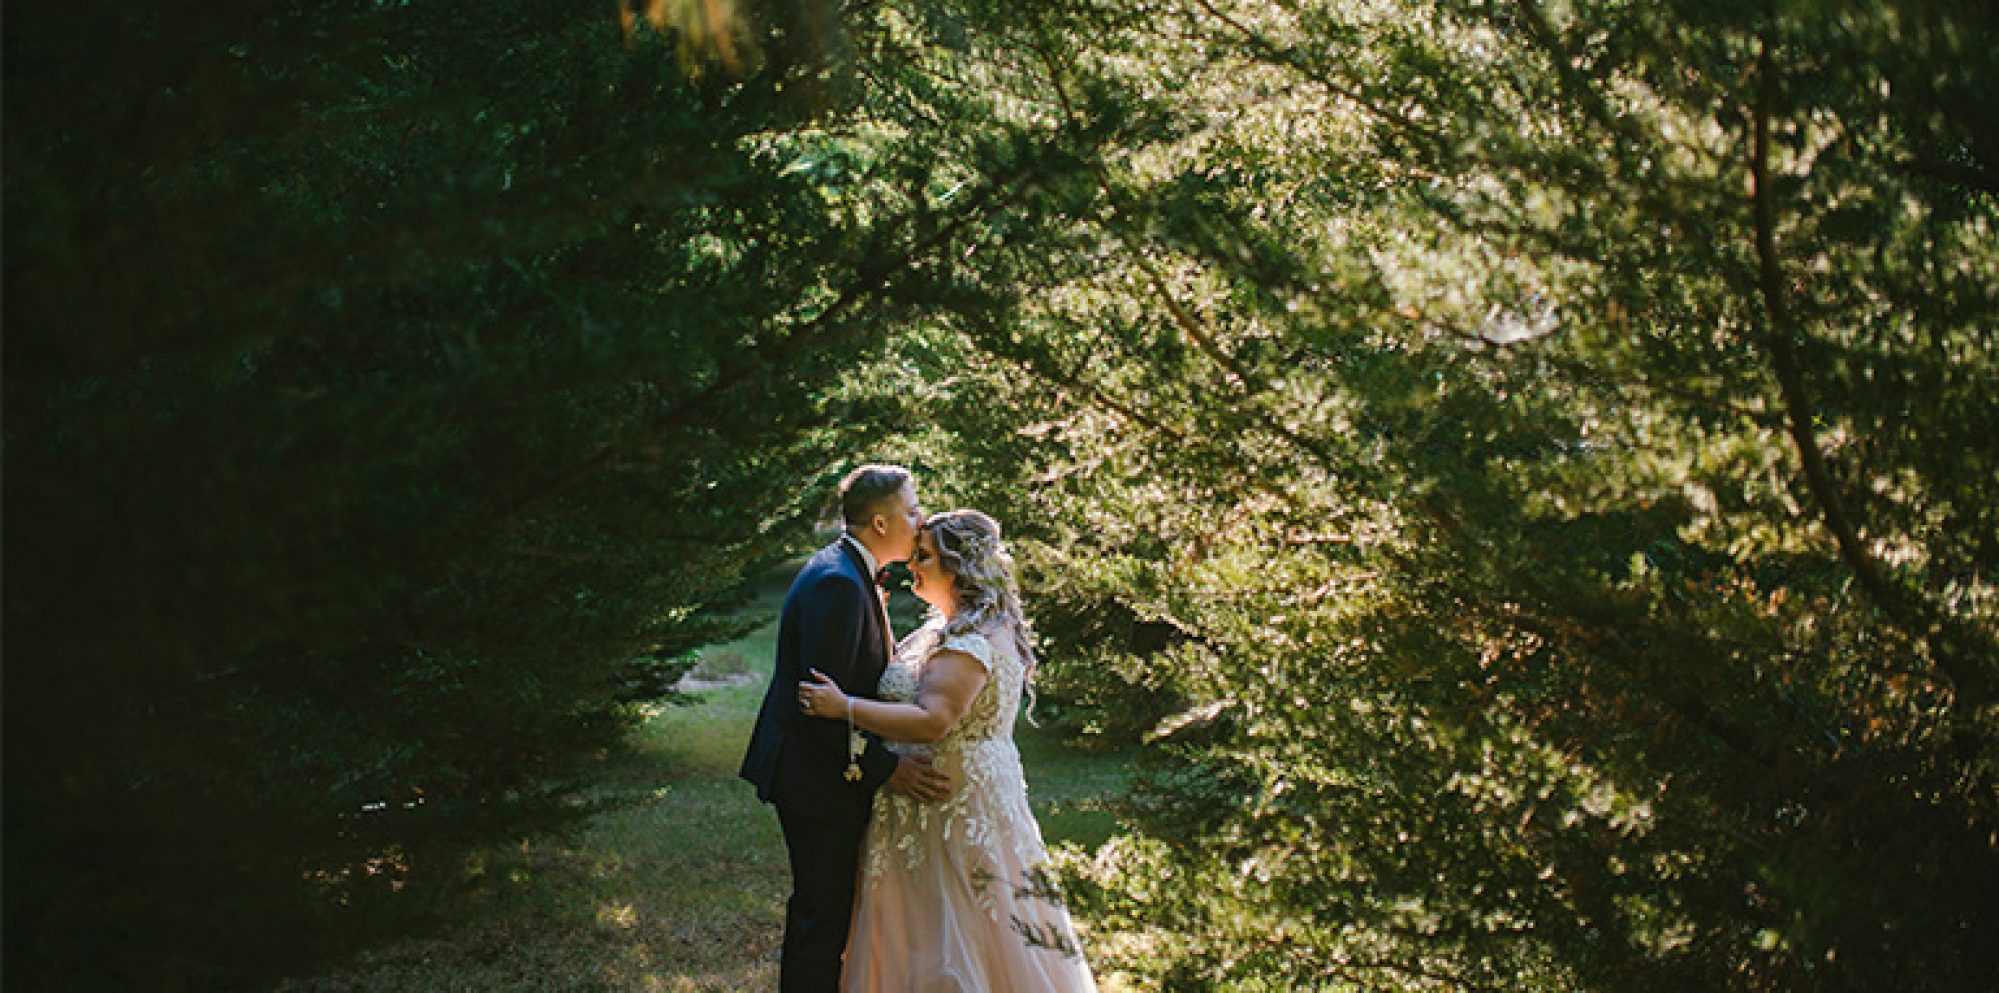 Tayla & brent wedding photography @ longshed gardens kinglake west